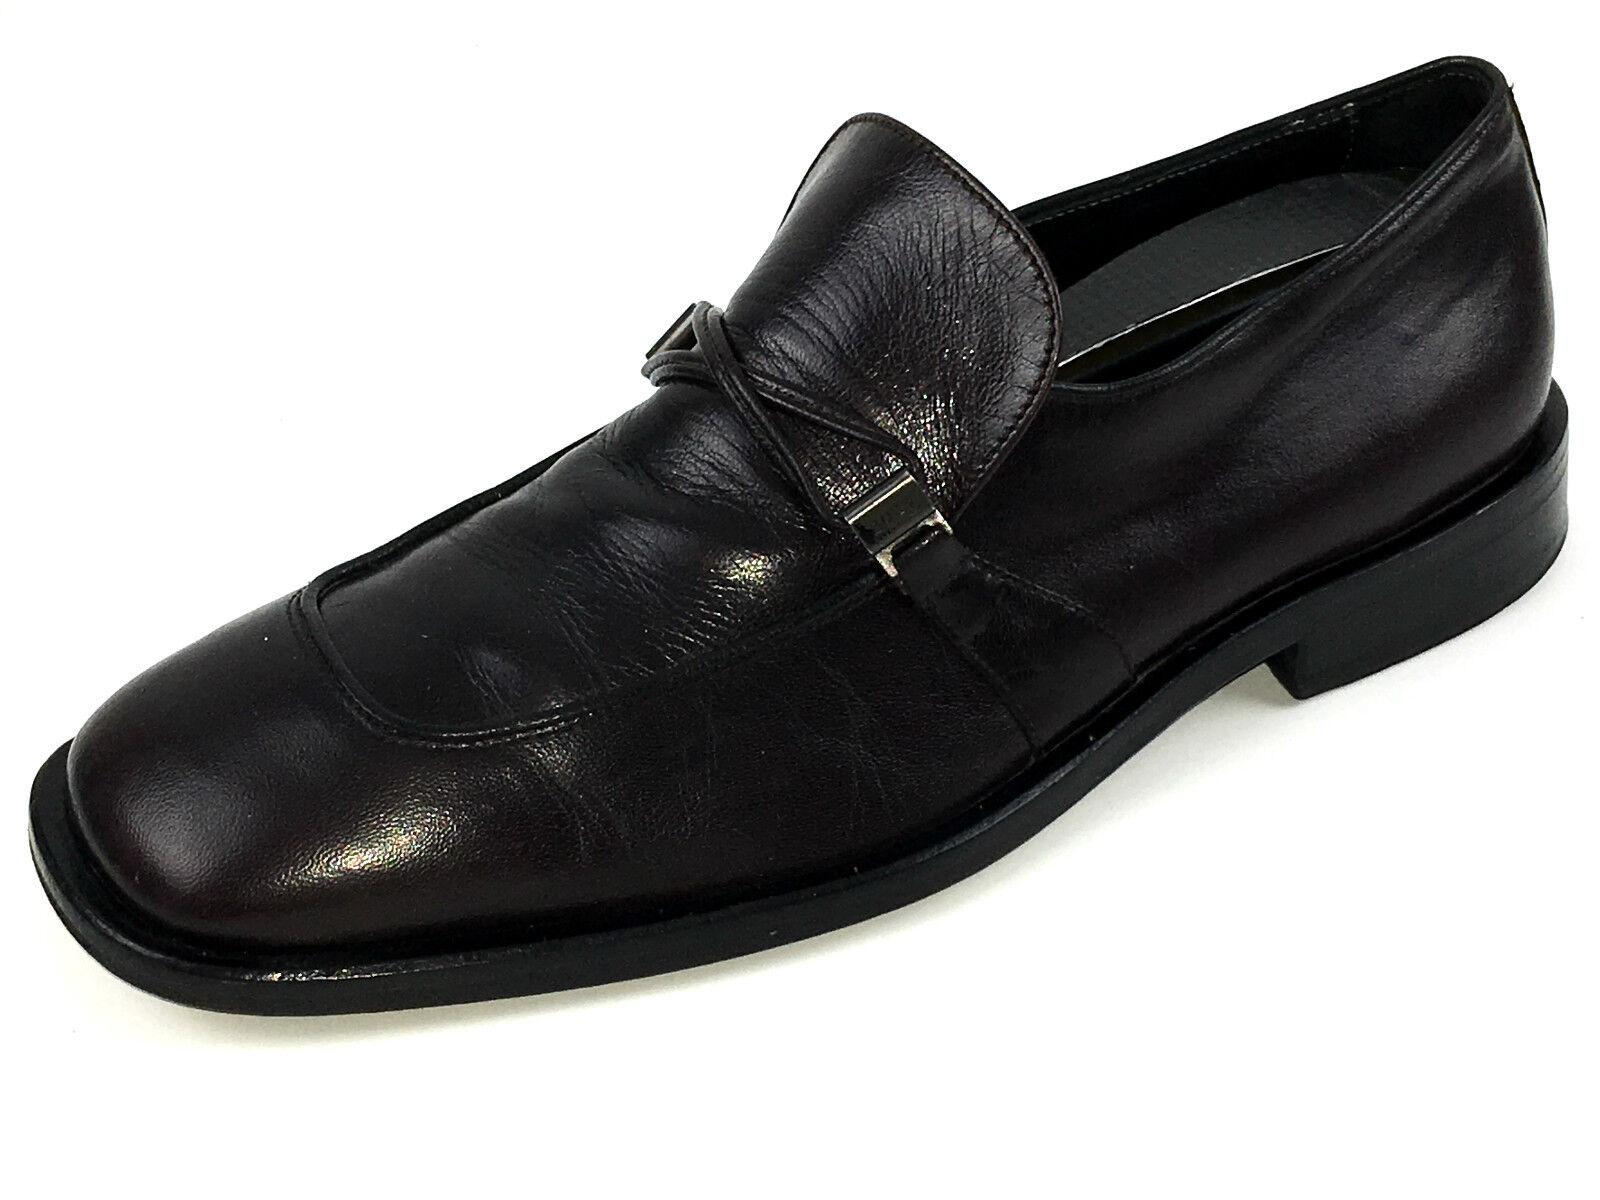 Hugo Boss negro Mocasines Cuero Marrón Vestido Zapato De Hombre EE. UU.